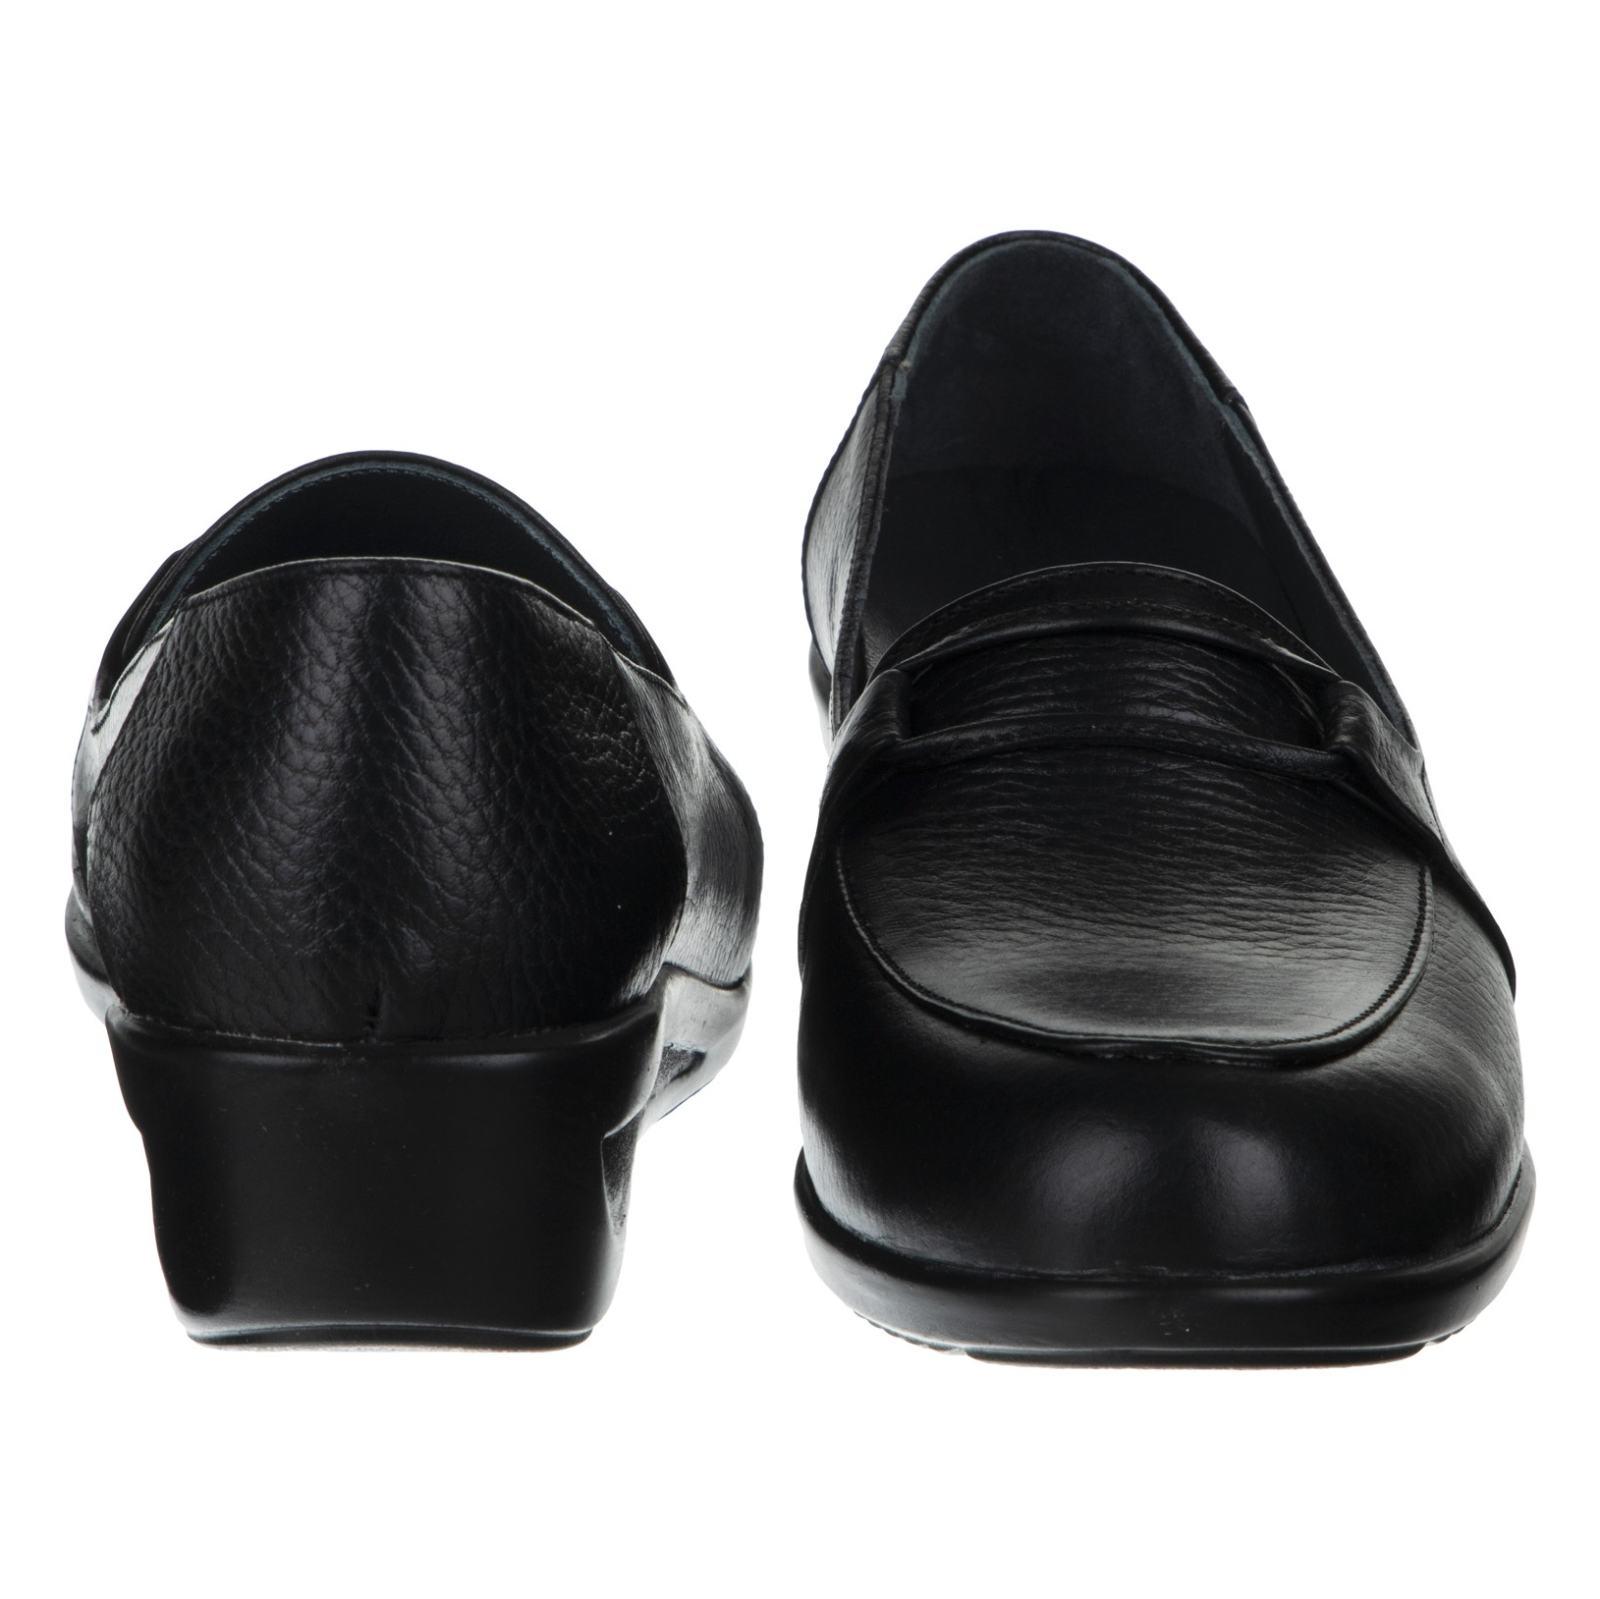 کفش روزمره زنانه شیفر مدل 5279A-101 - مشکی - 7